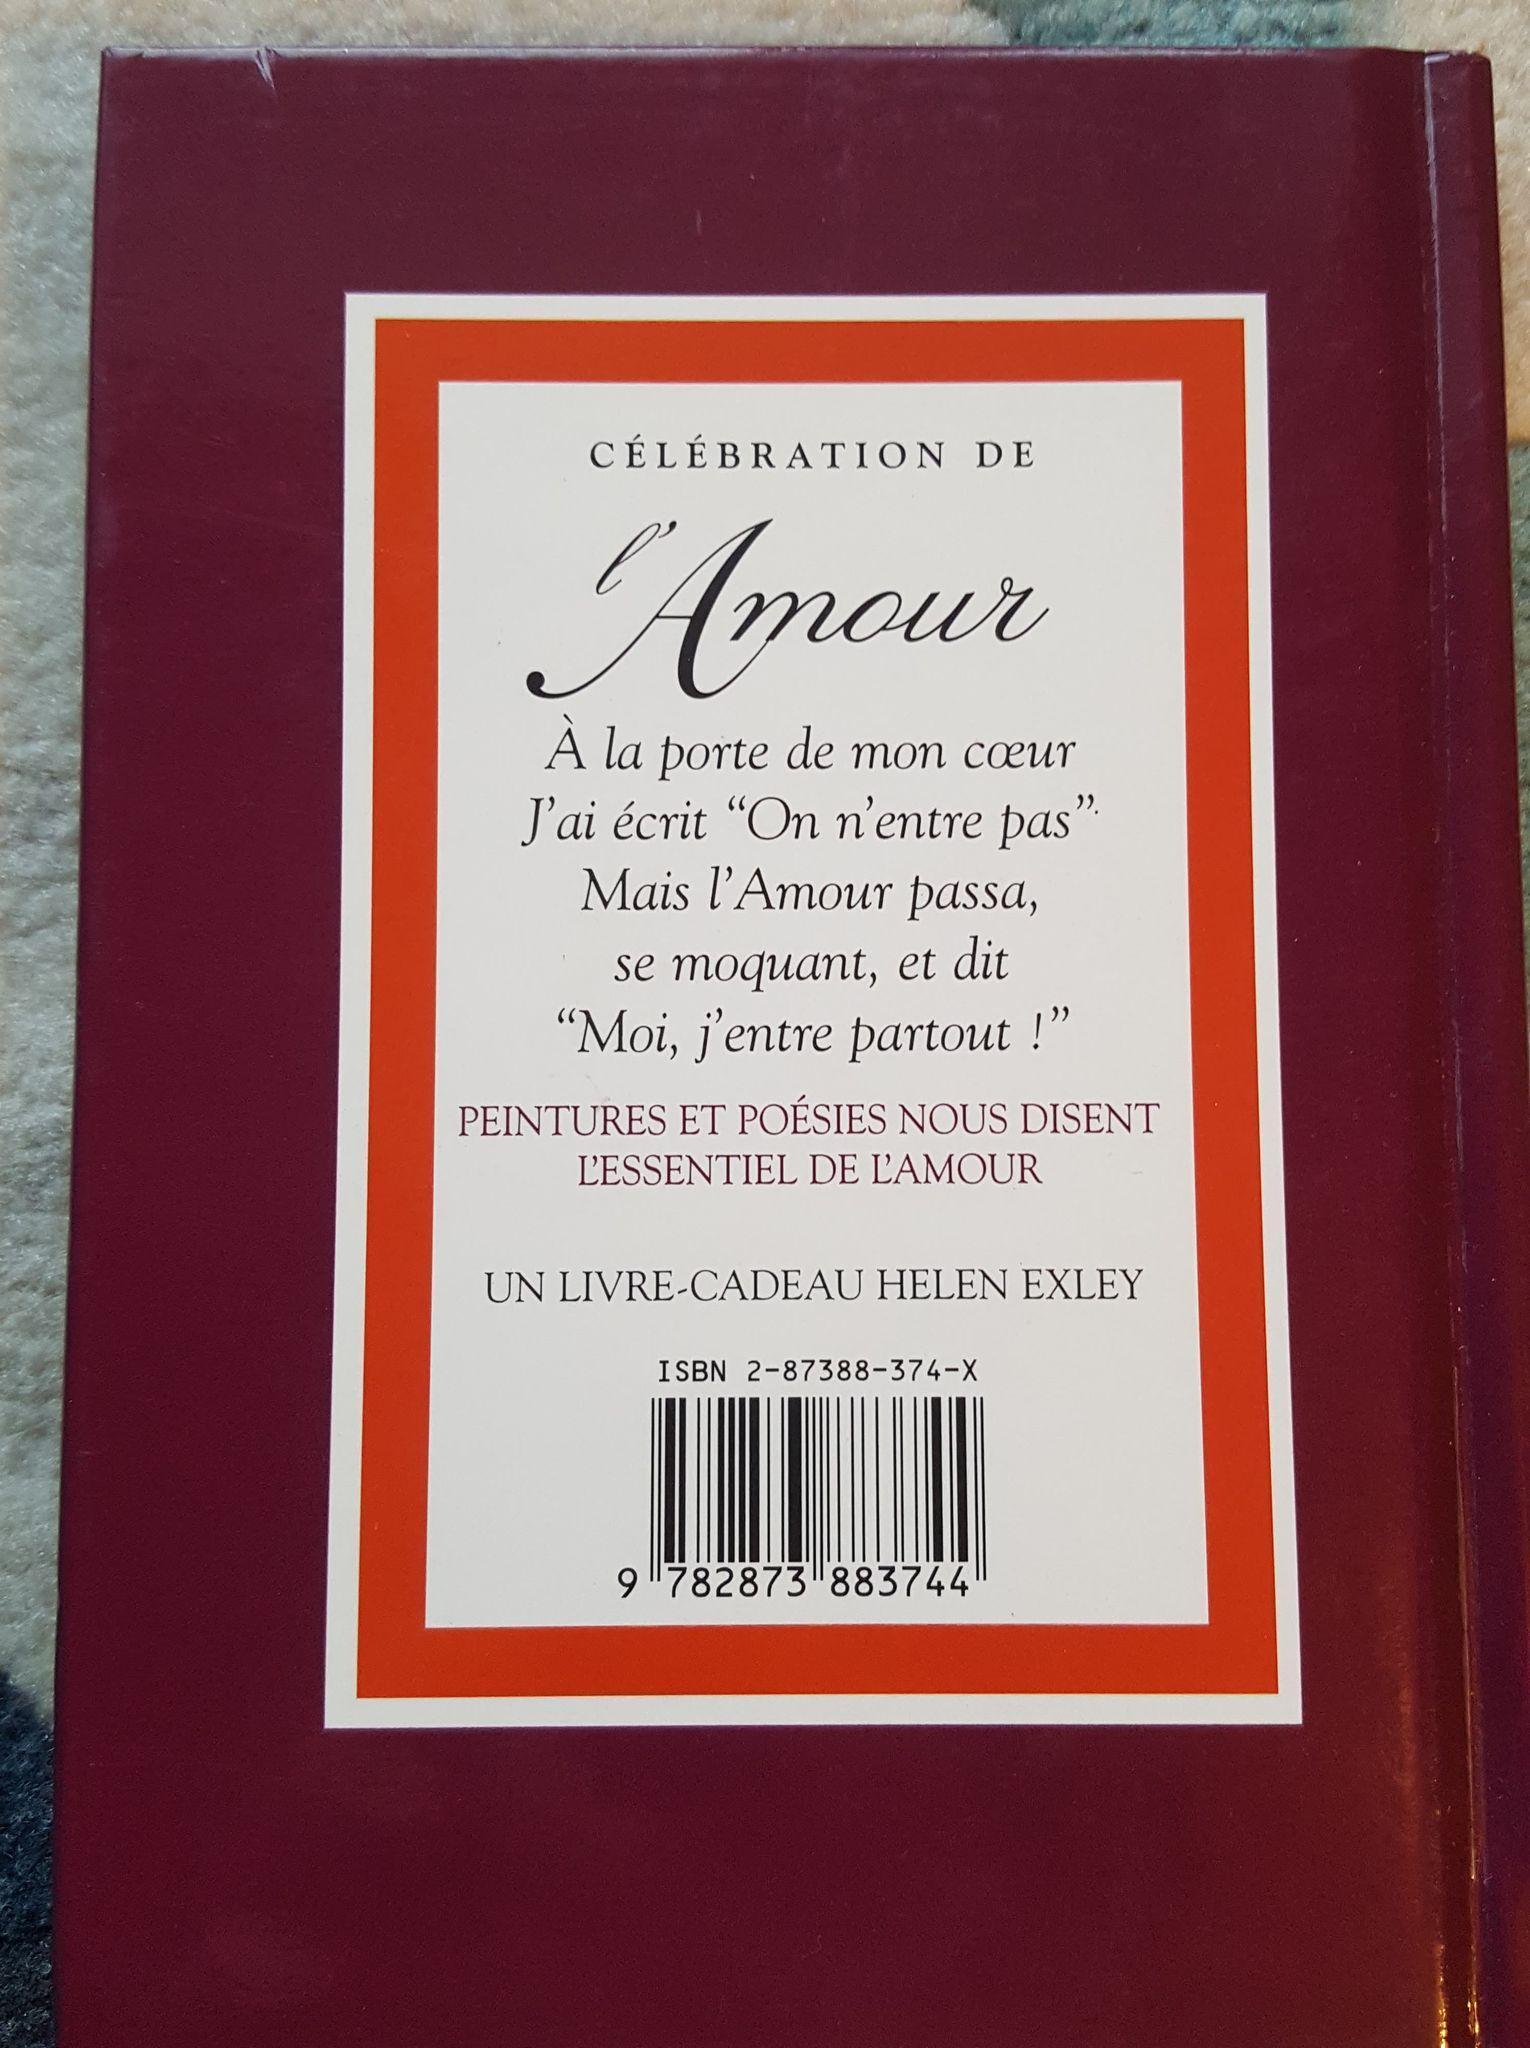 troc de troc livre-cadeau helen exley - citations et poèmes sur l'amour image 1